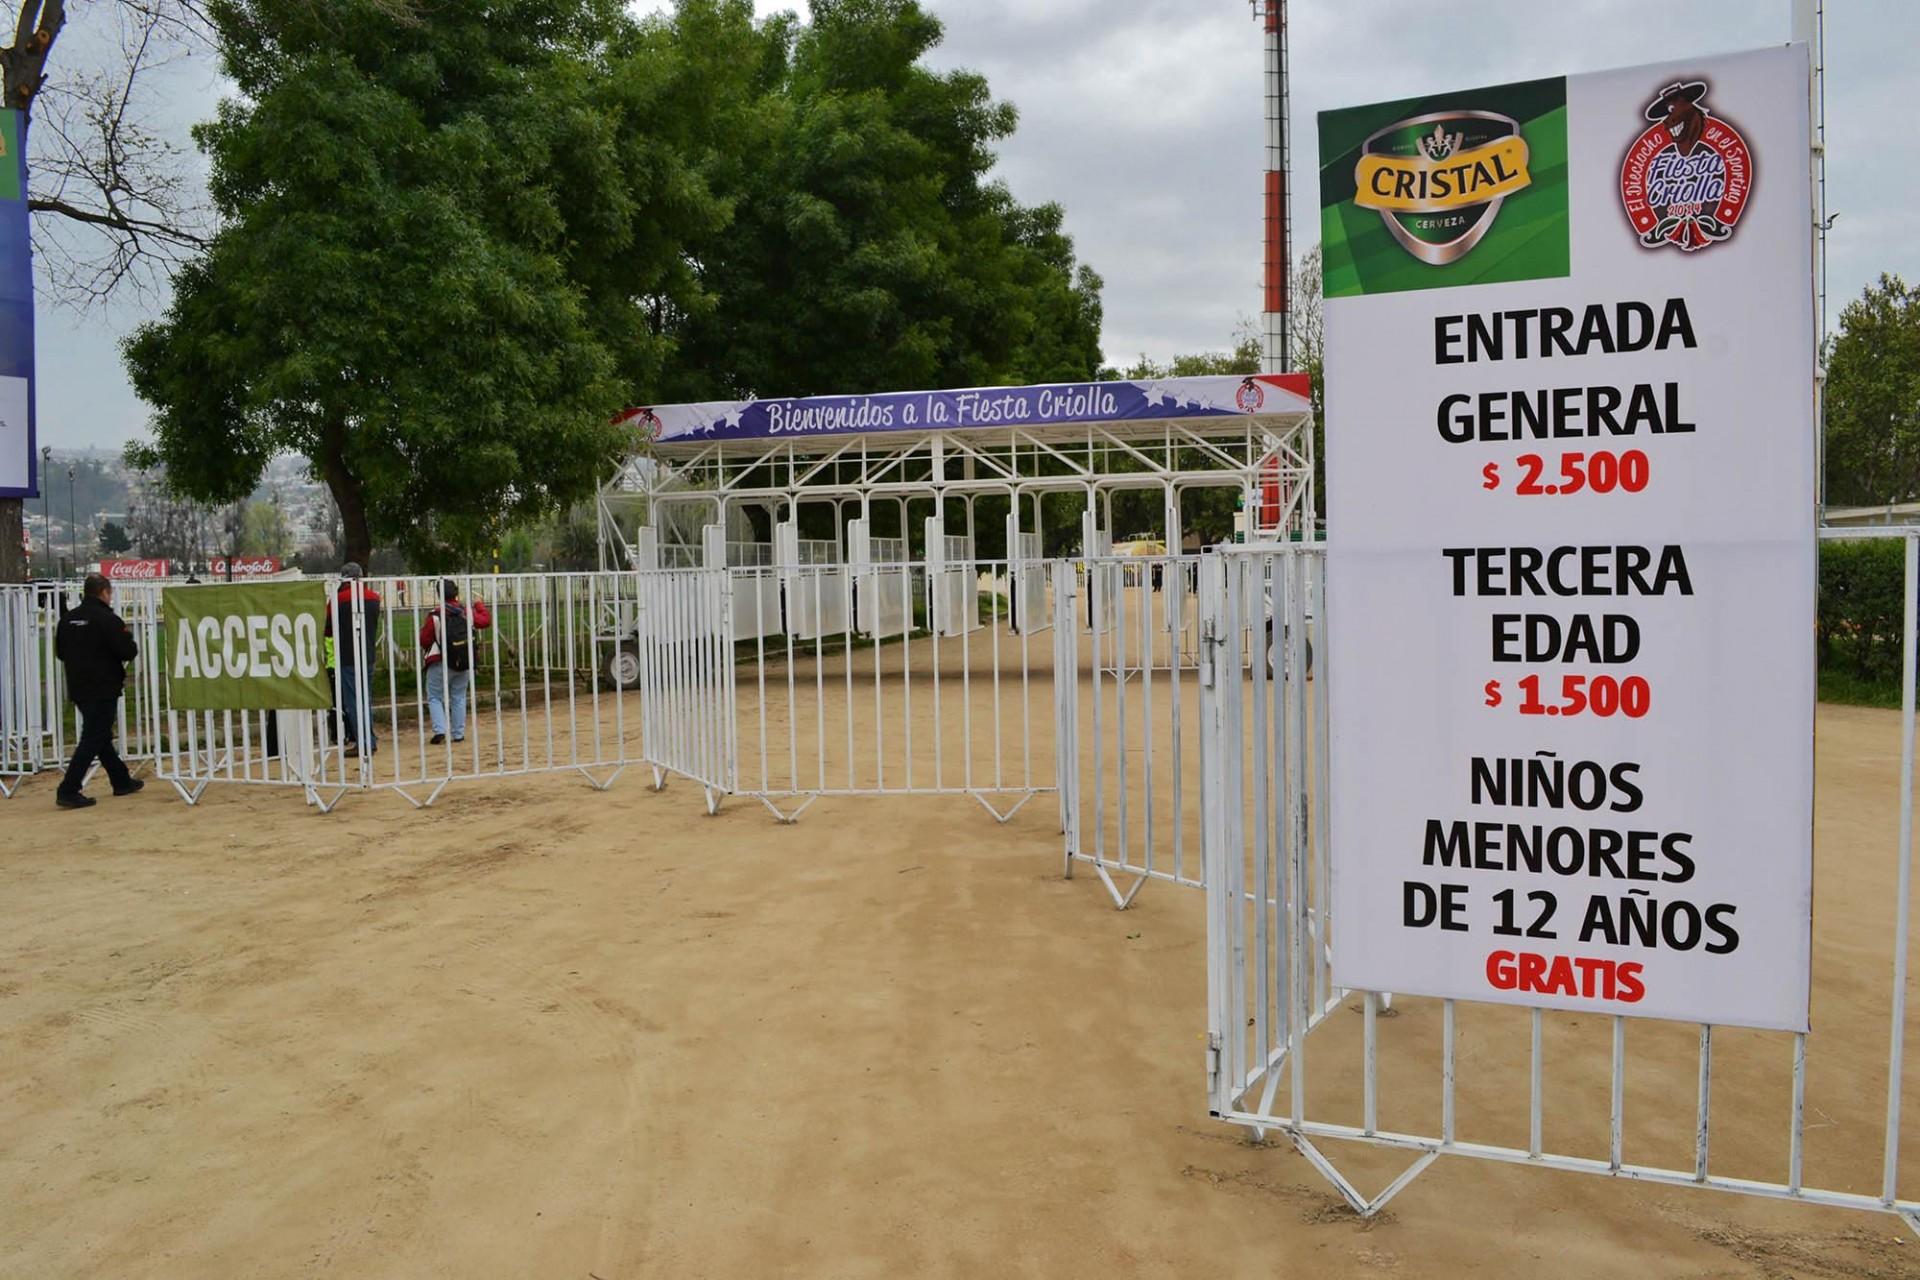 En Viña del Mar hubo polémica por el inédito cobro de entrada al recinto del Sporting Club. Foto: Diego Fuentes.